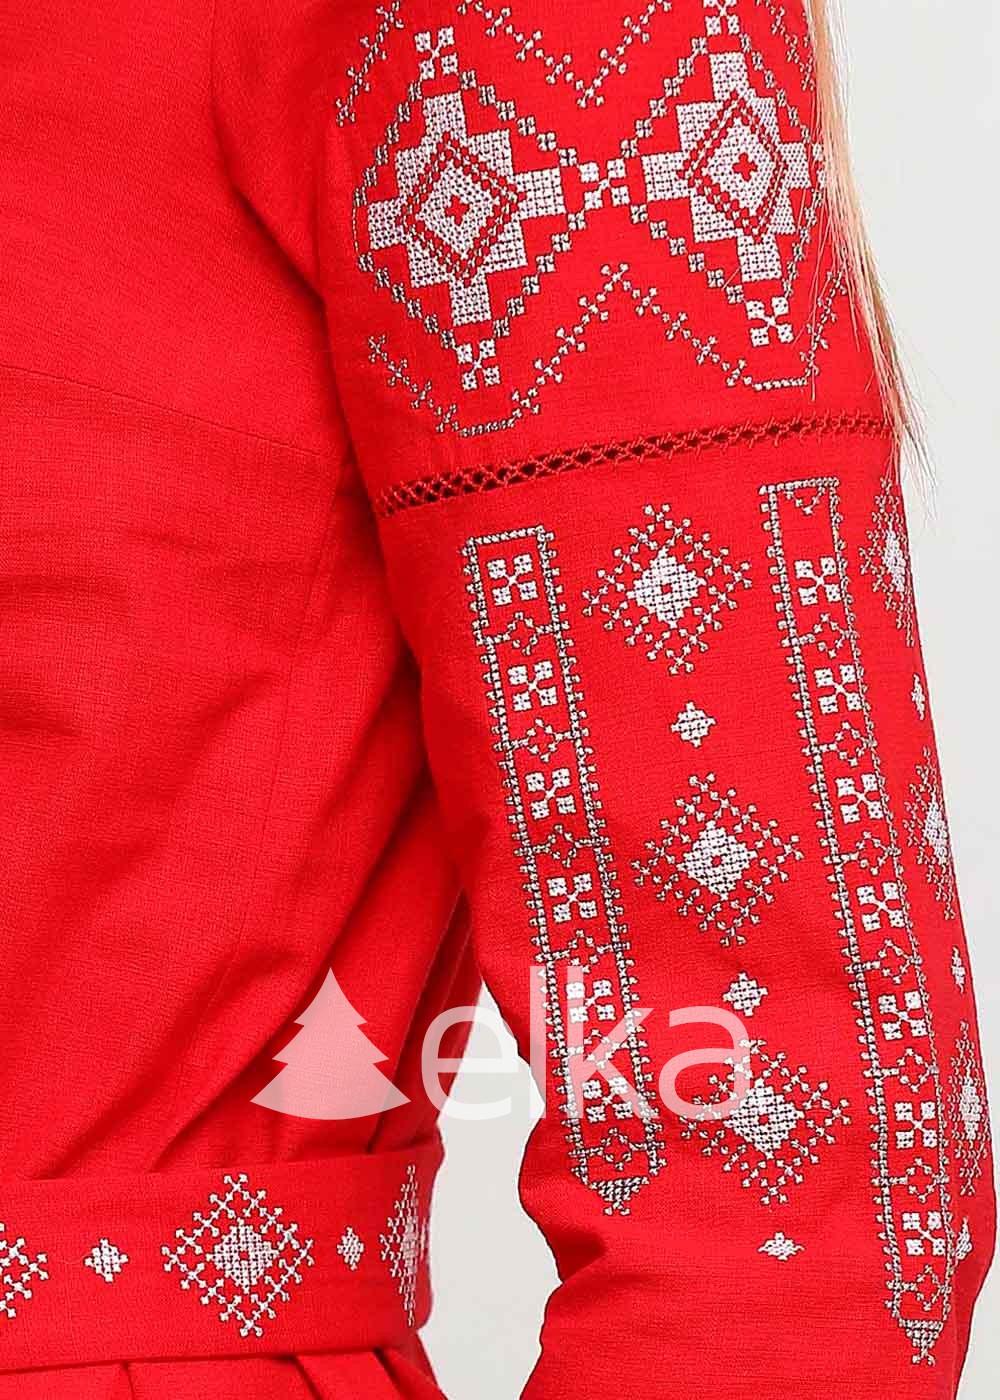 Вышиванка женская Традиция красная